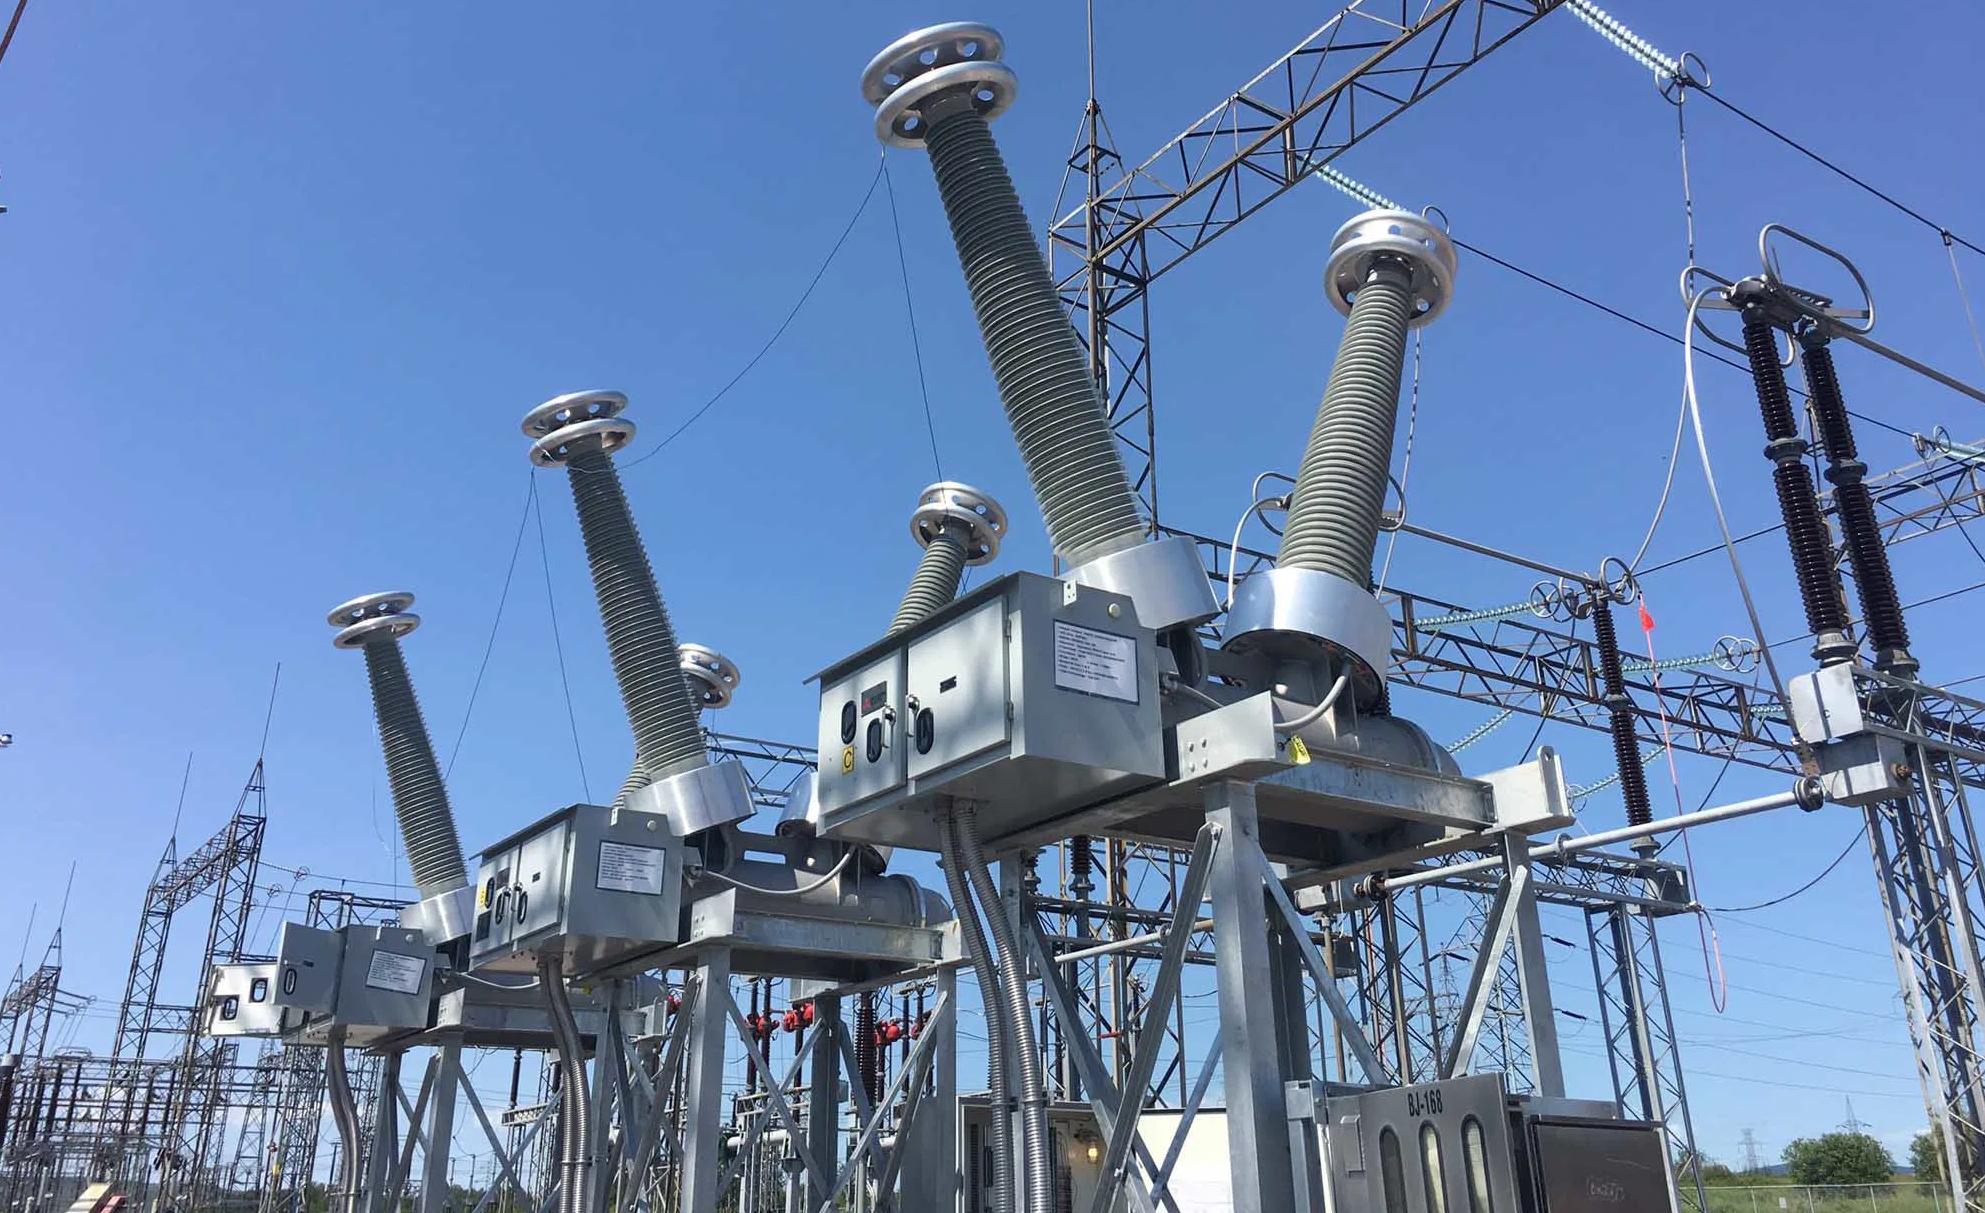 Equipo Eléctrico Primario en una subestación eléctrica